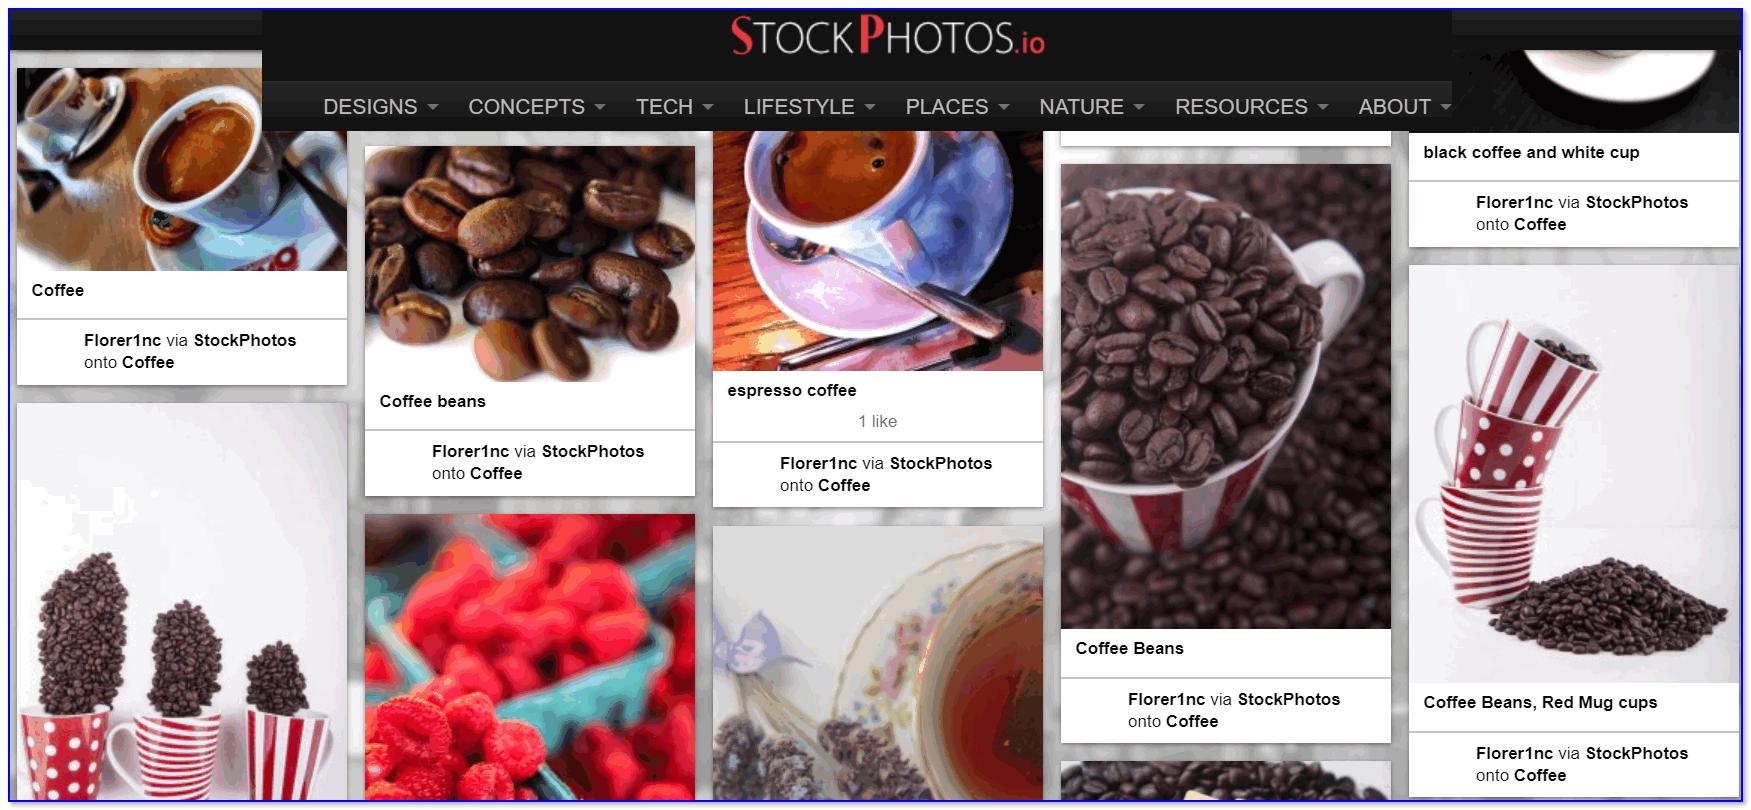 StockPhotos.io — скрин главной странички сайта